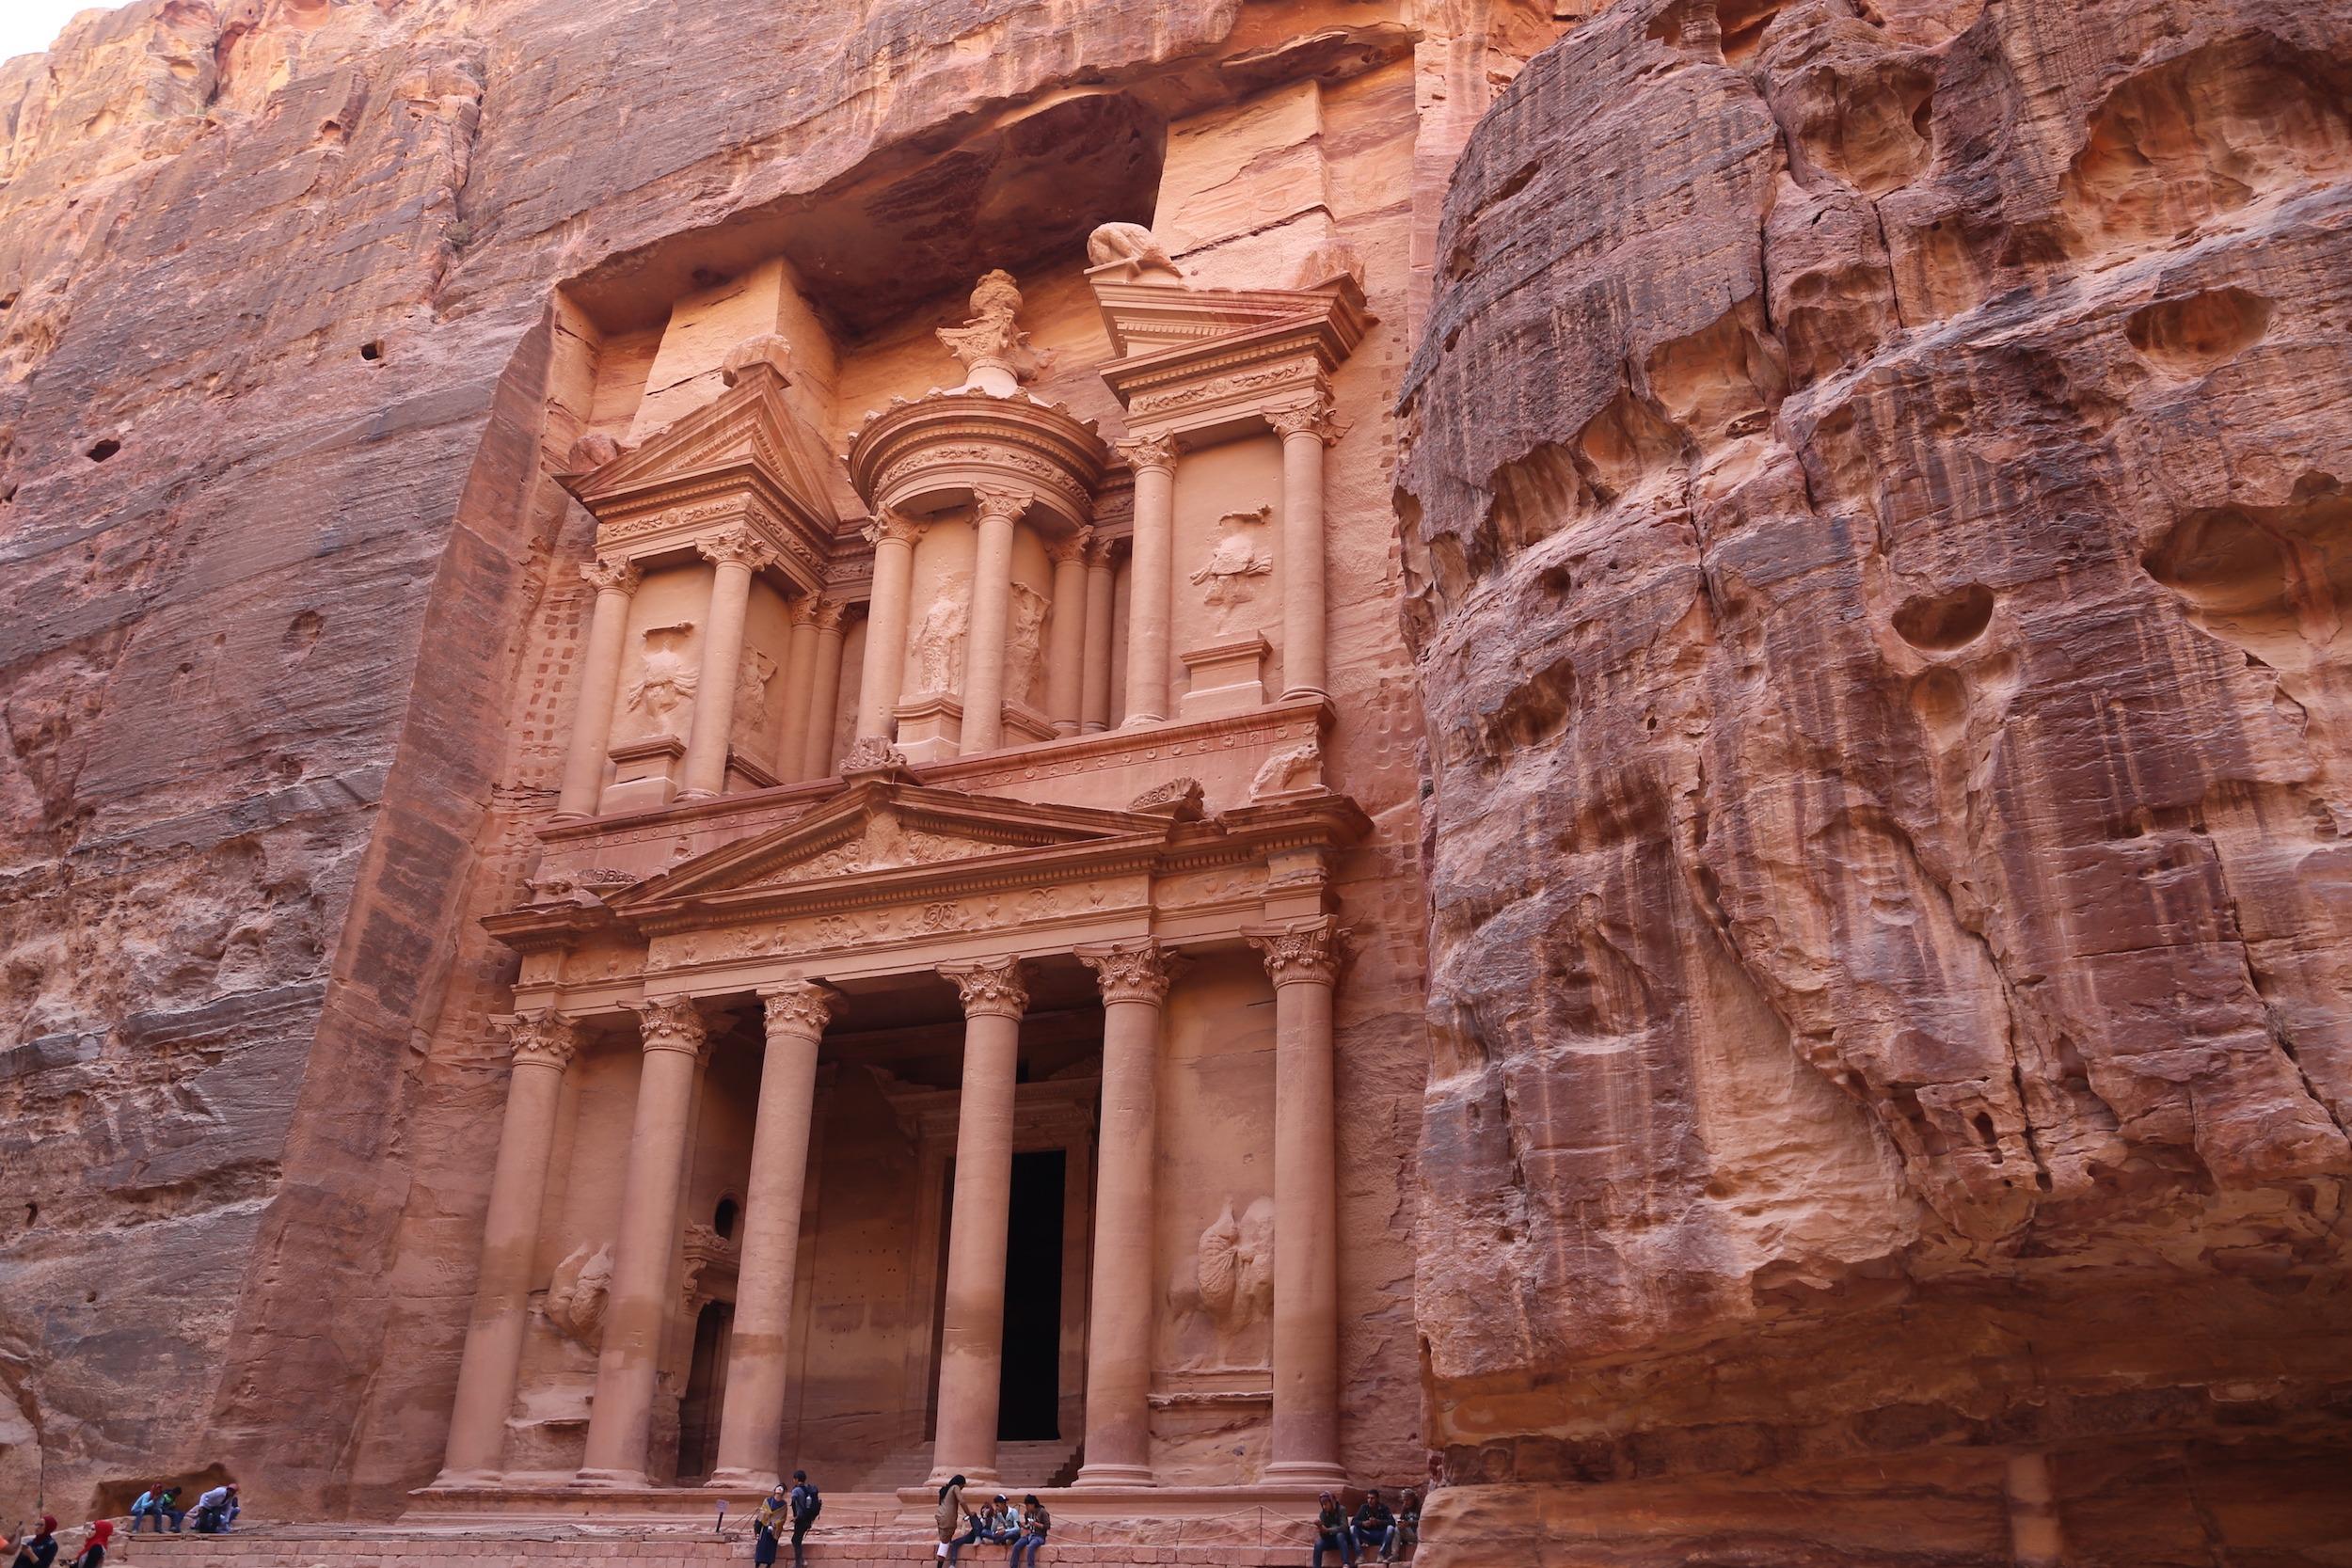 """A fachada do Tesouro também serviu de cenário para o filme """"Indiana Jones e a Última cruzada"""". (Foto: Nathalia Tavolieri)"""